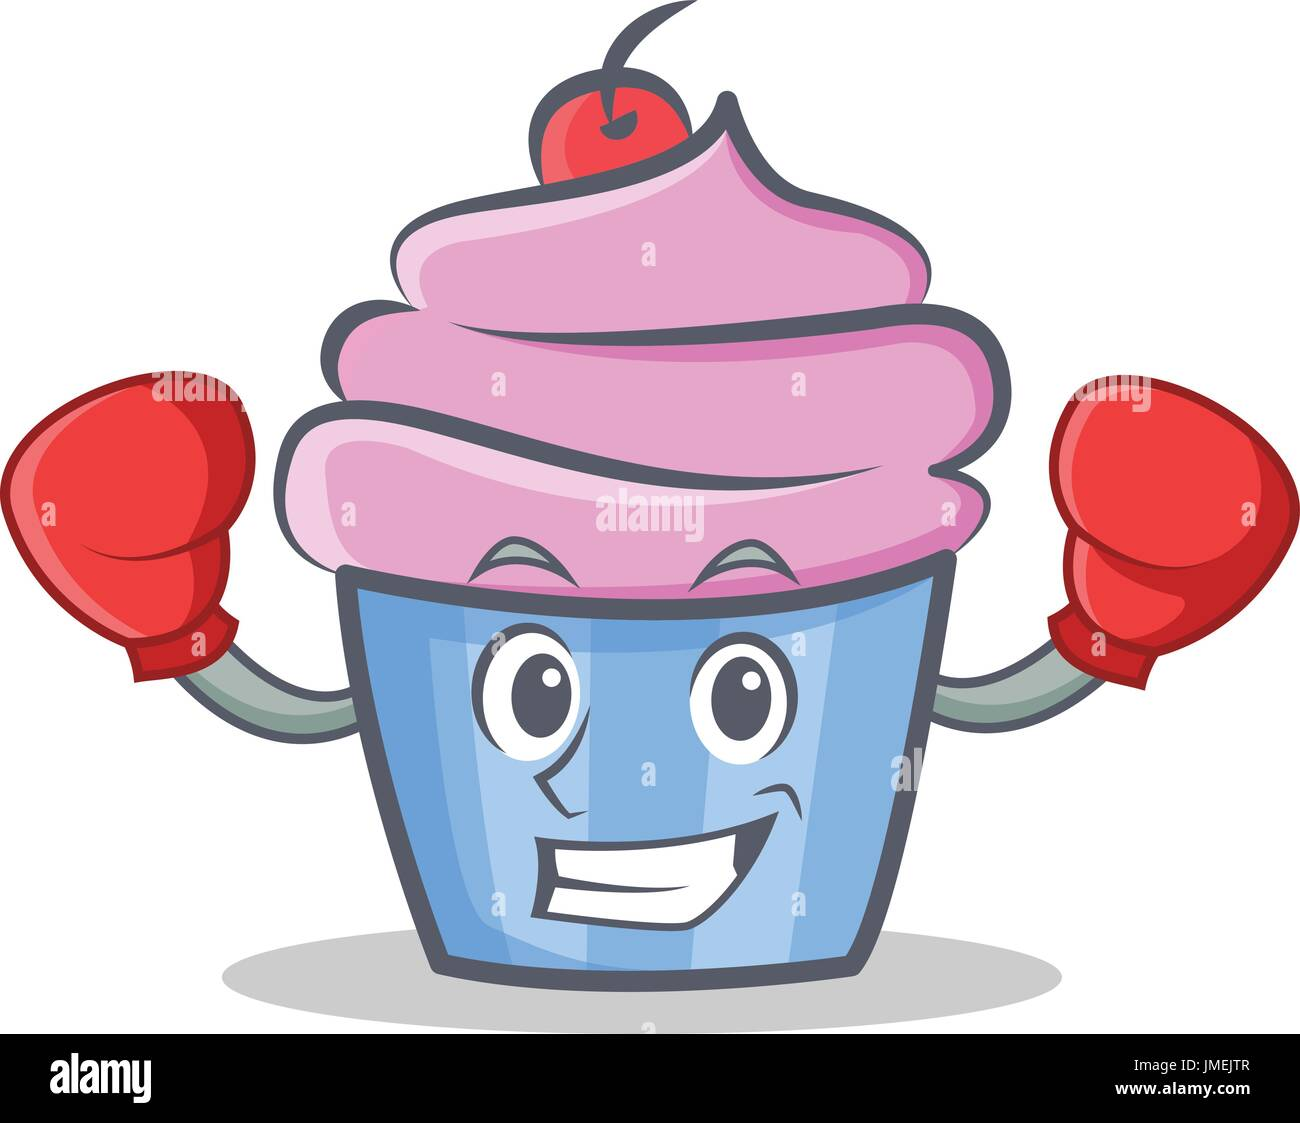 Boxeo Cupcake Personaje Ilustración Vectorial Del Estilo De Dibujos